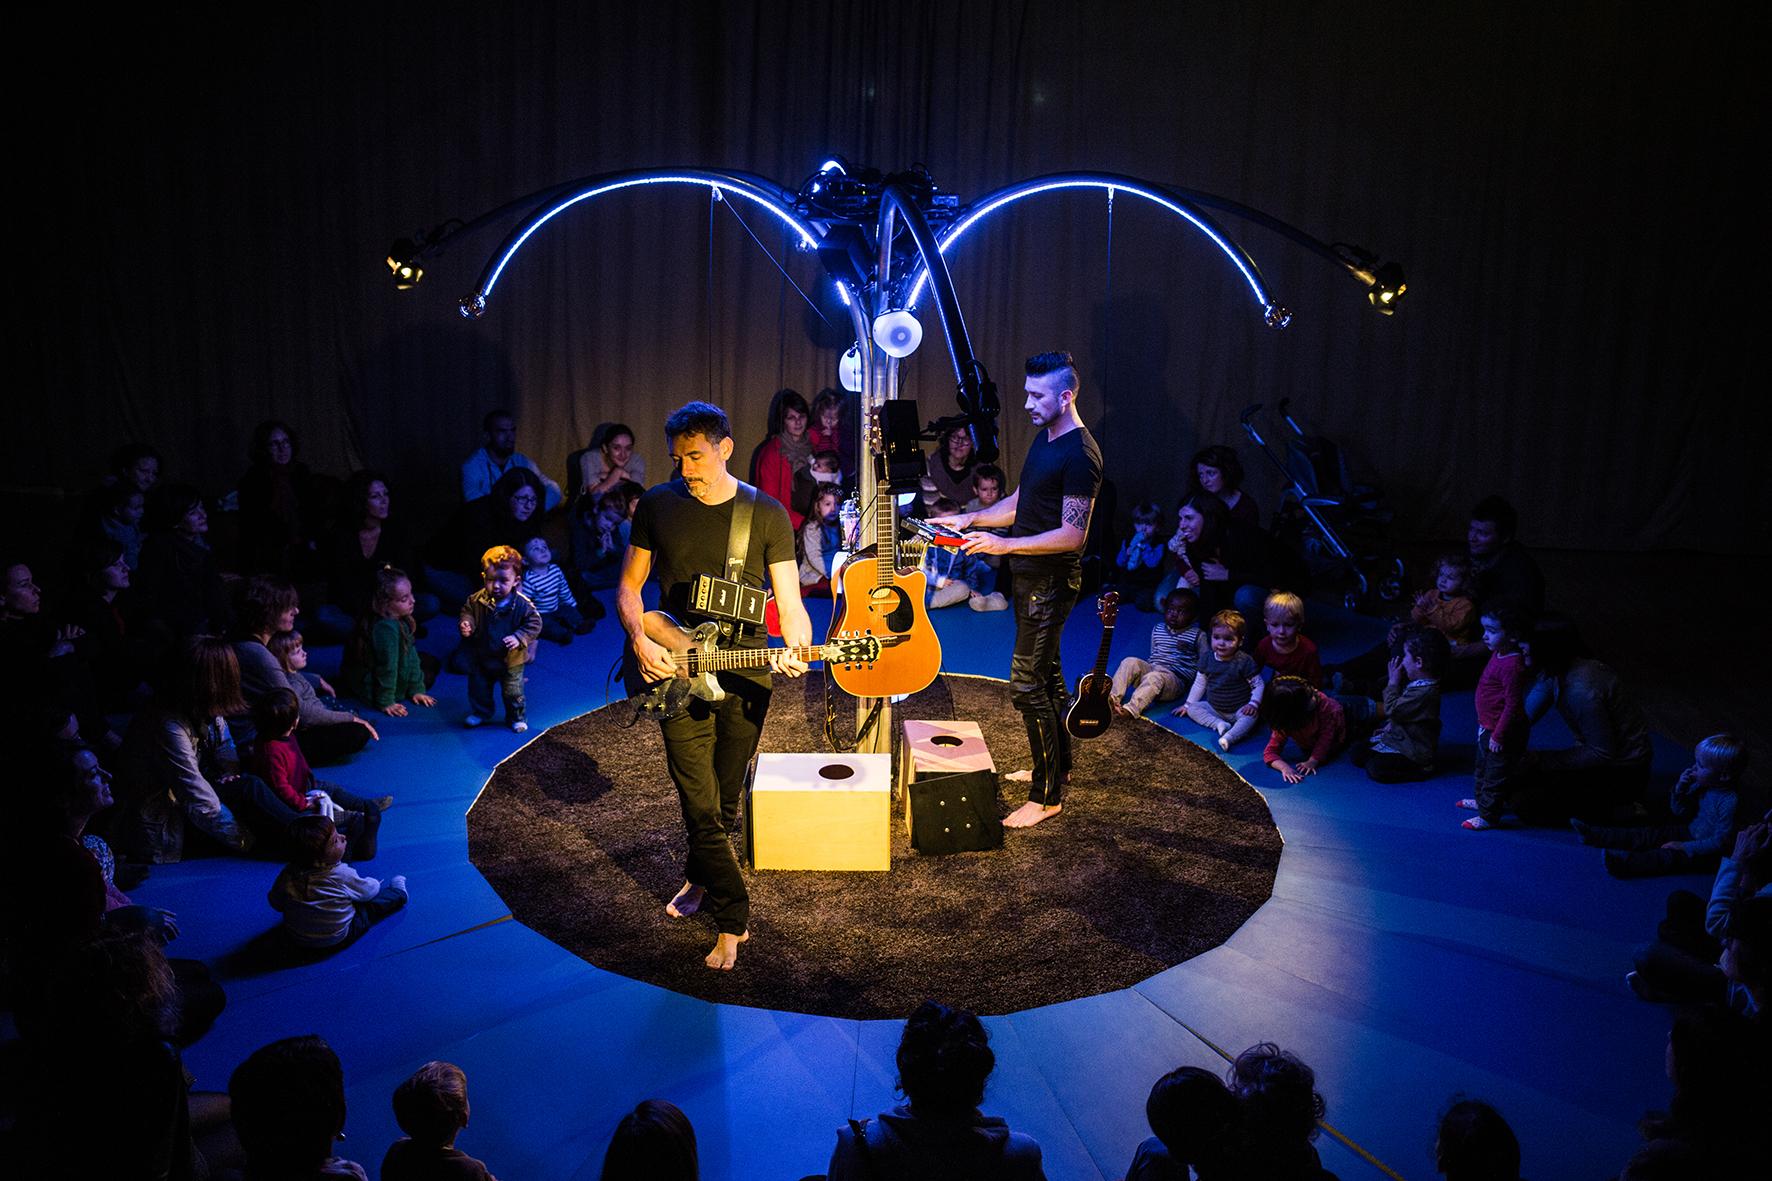 Grand Figeac : L'Astrolabe finit l'année en beauté - Medialot